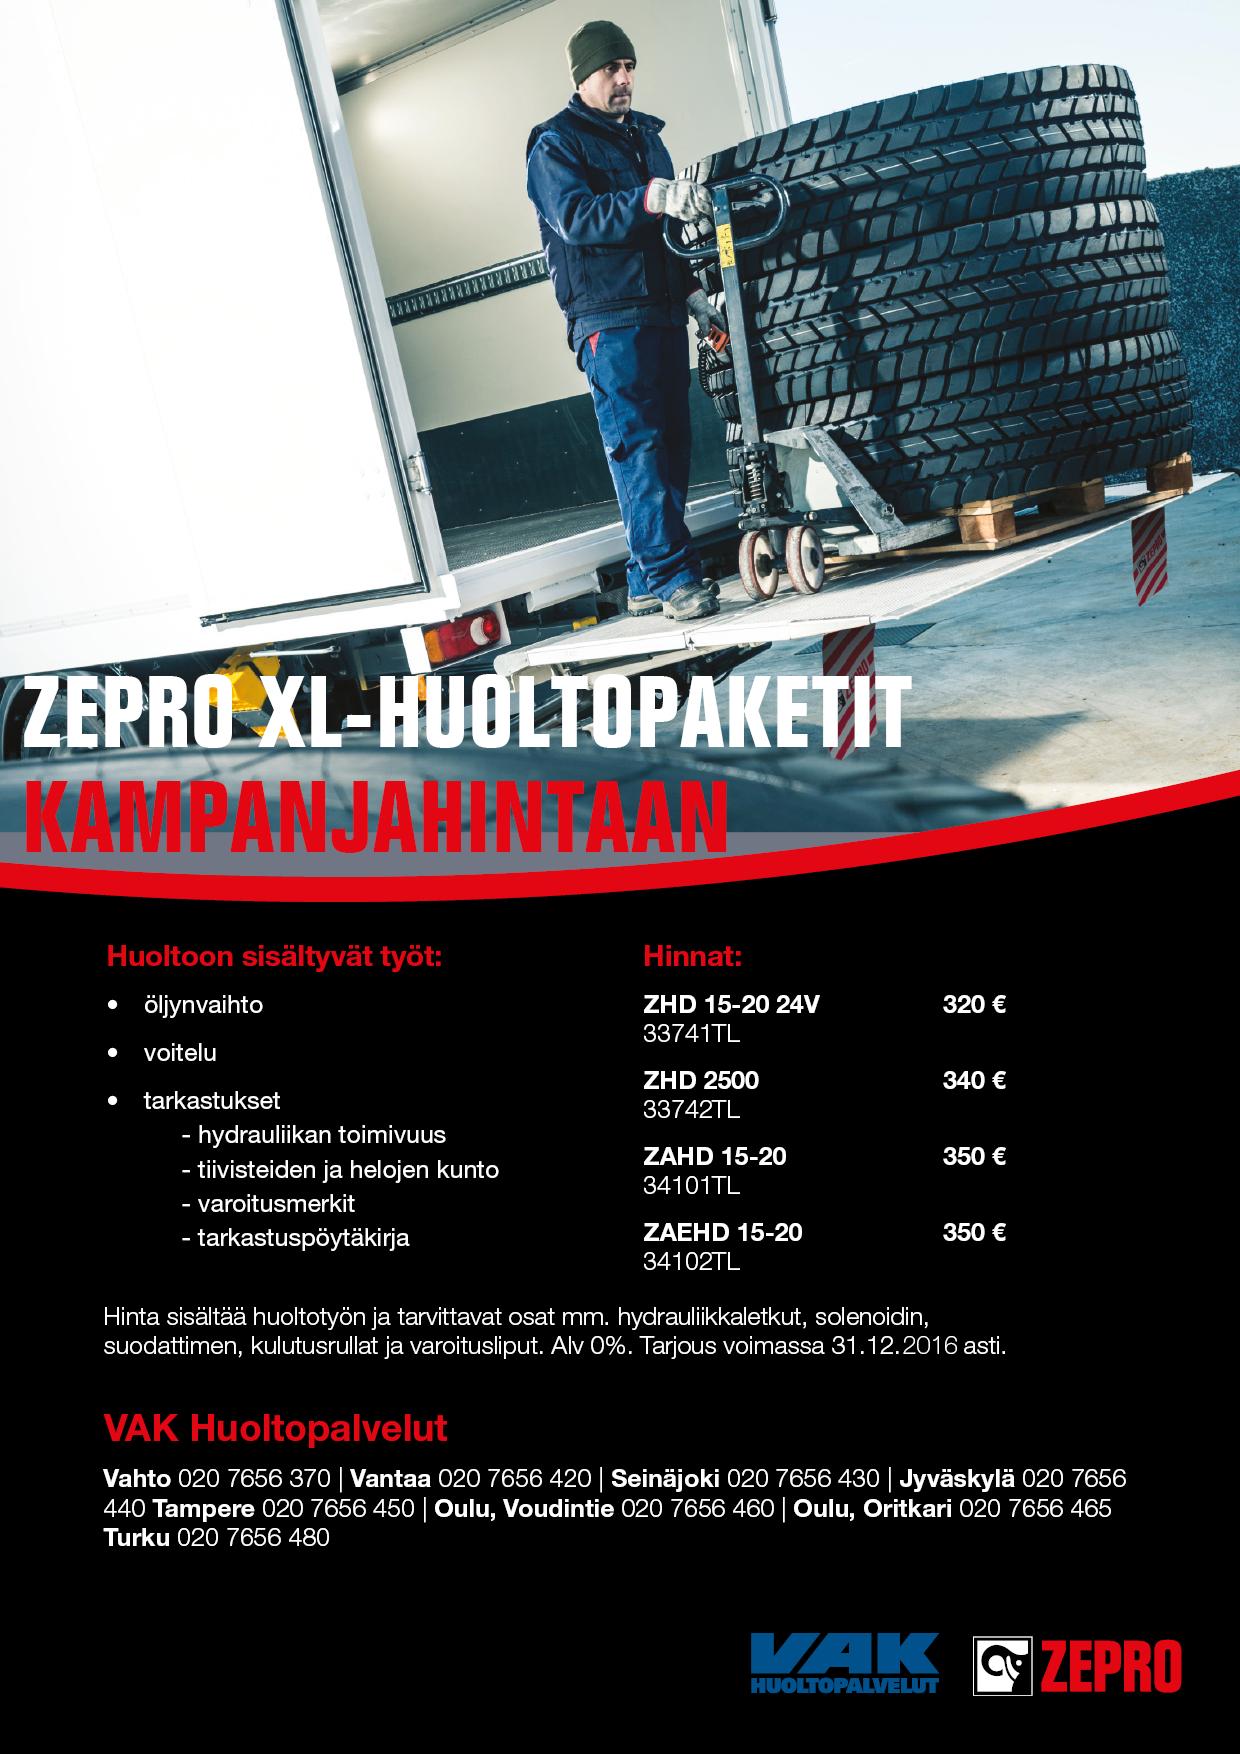 ZEPRO XL -huoltopaketit loppuvuoden ajan kampanjahintaan